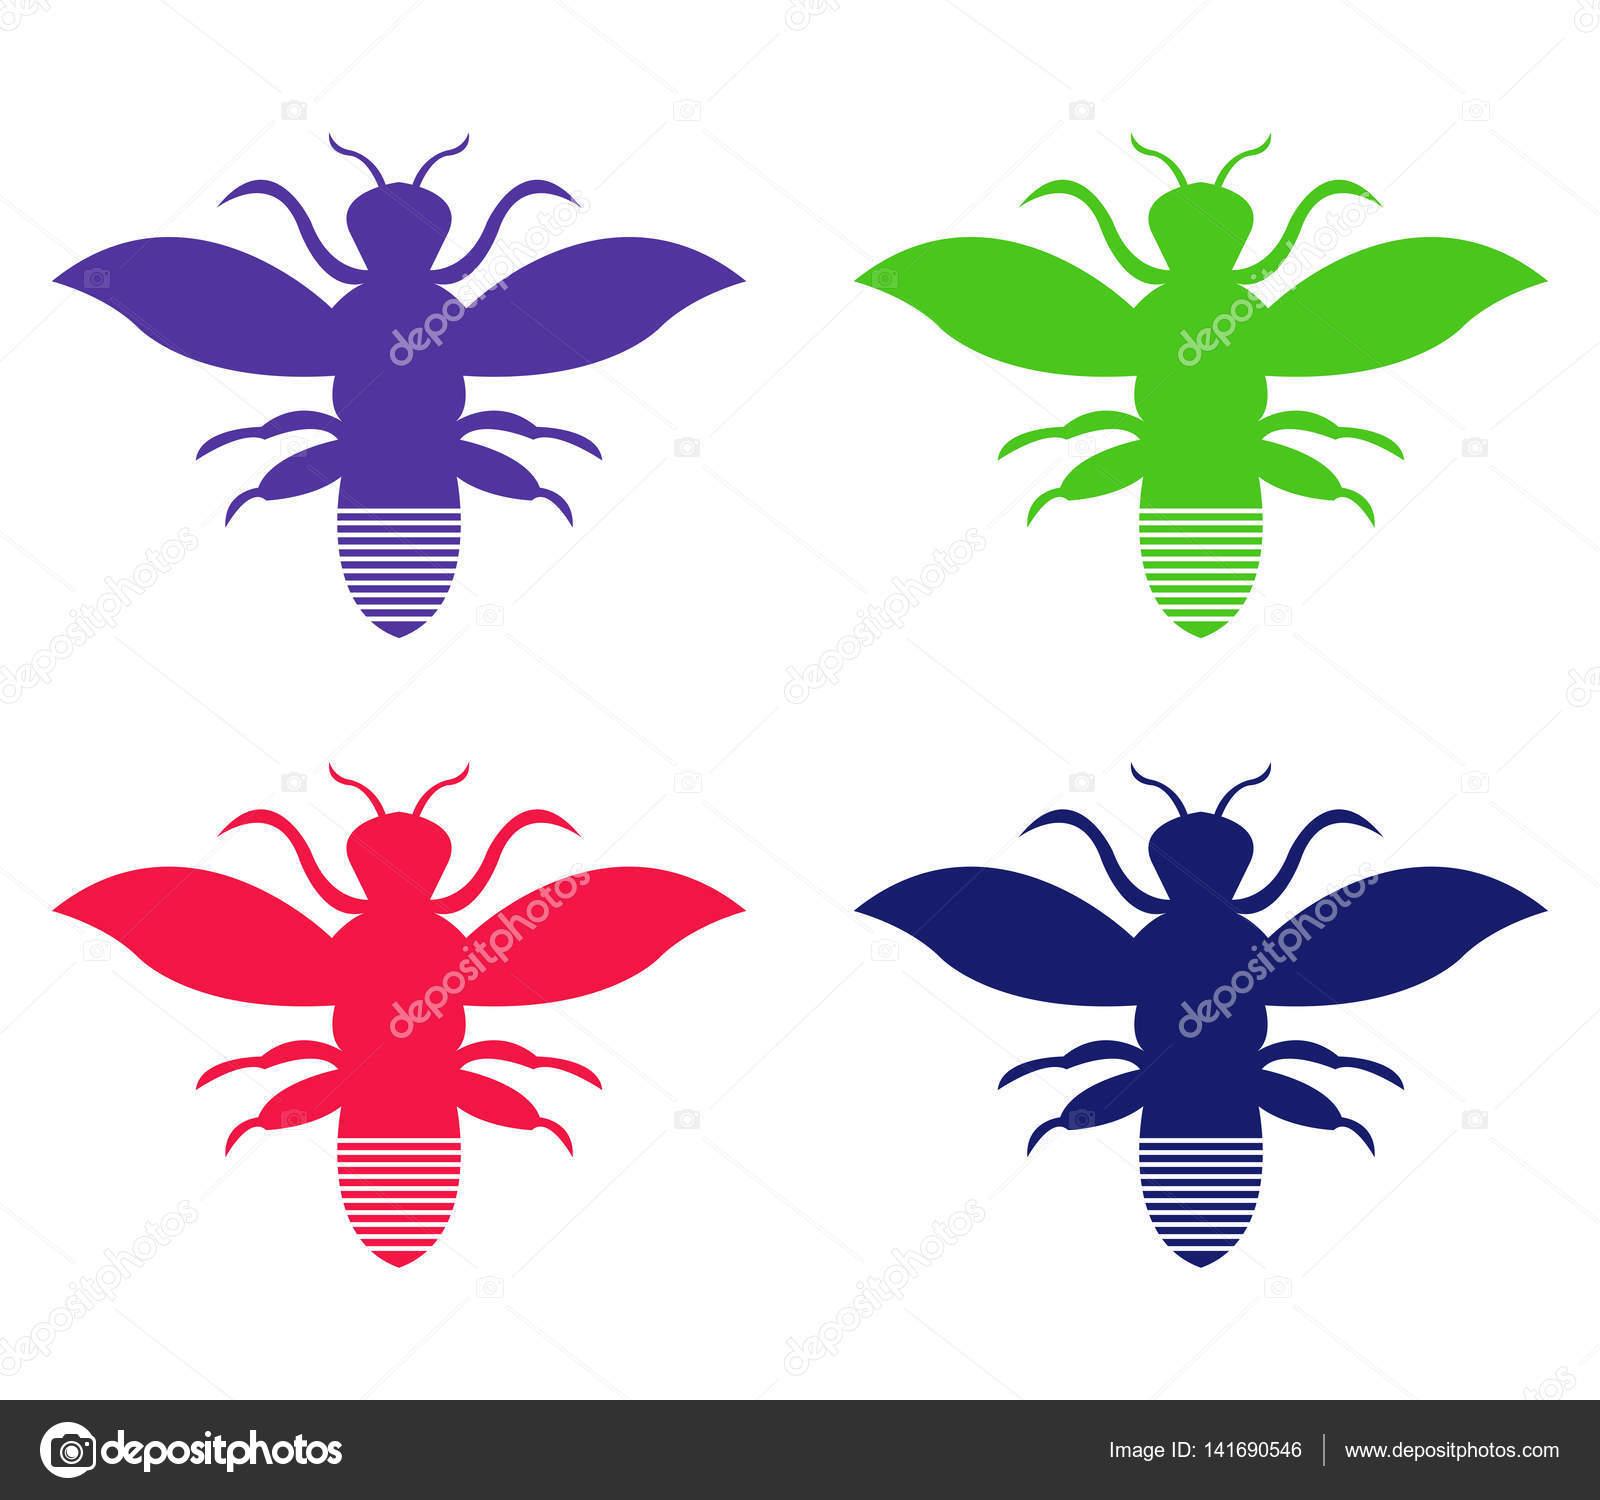 白い背景のイラスト ハチを設定します。 — ストックベクター